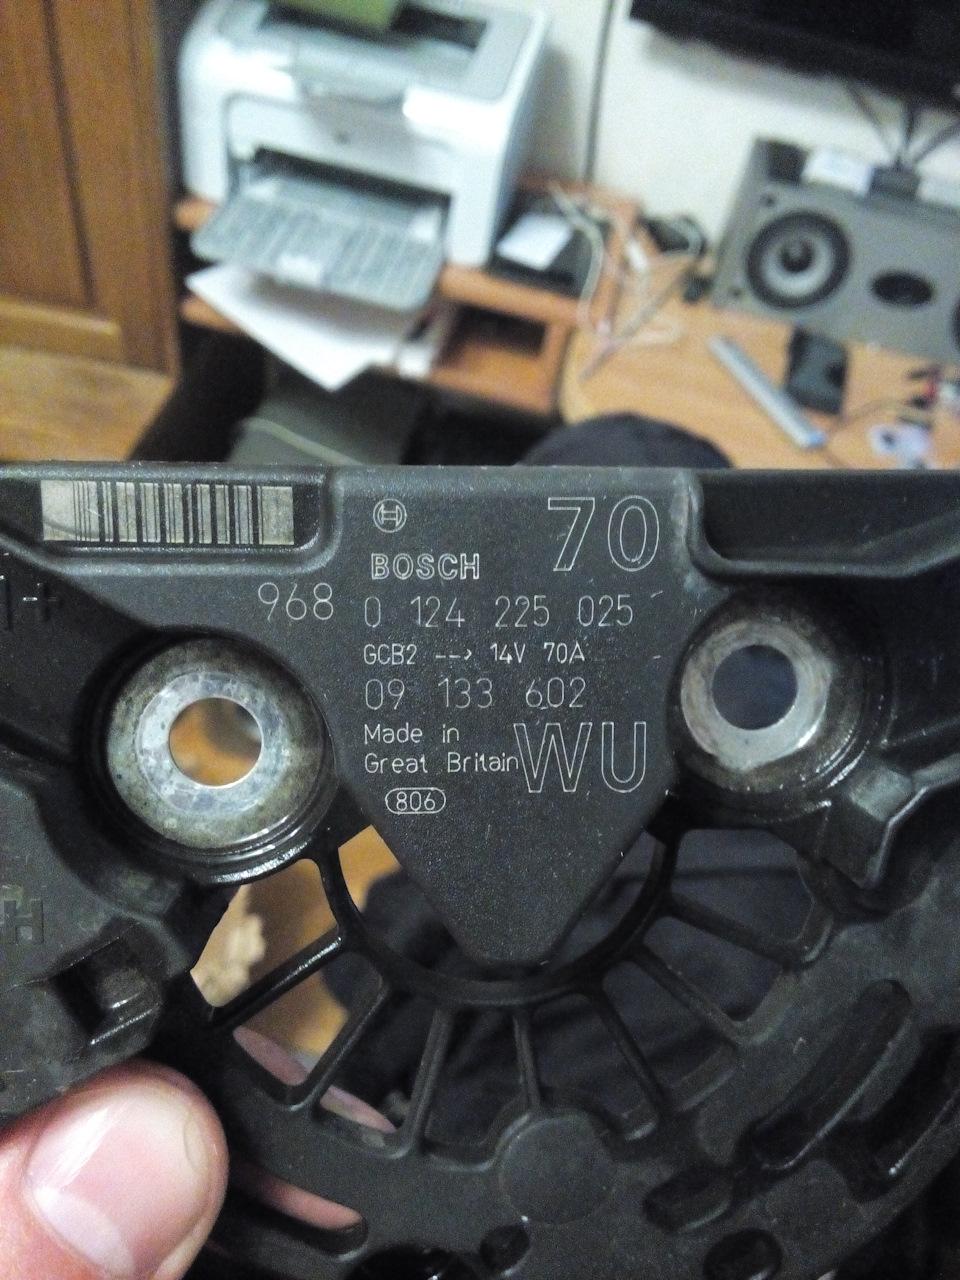 Ремонт генераторов своими руками бош